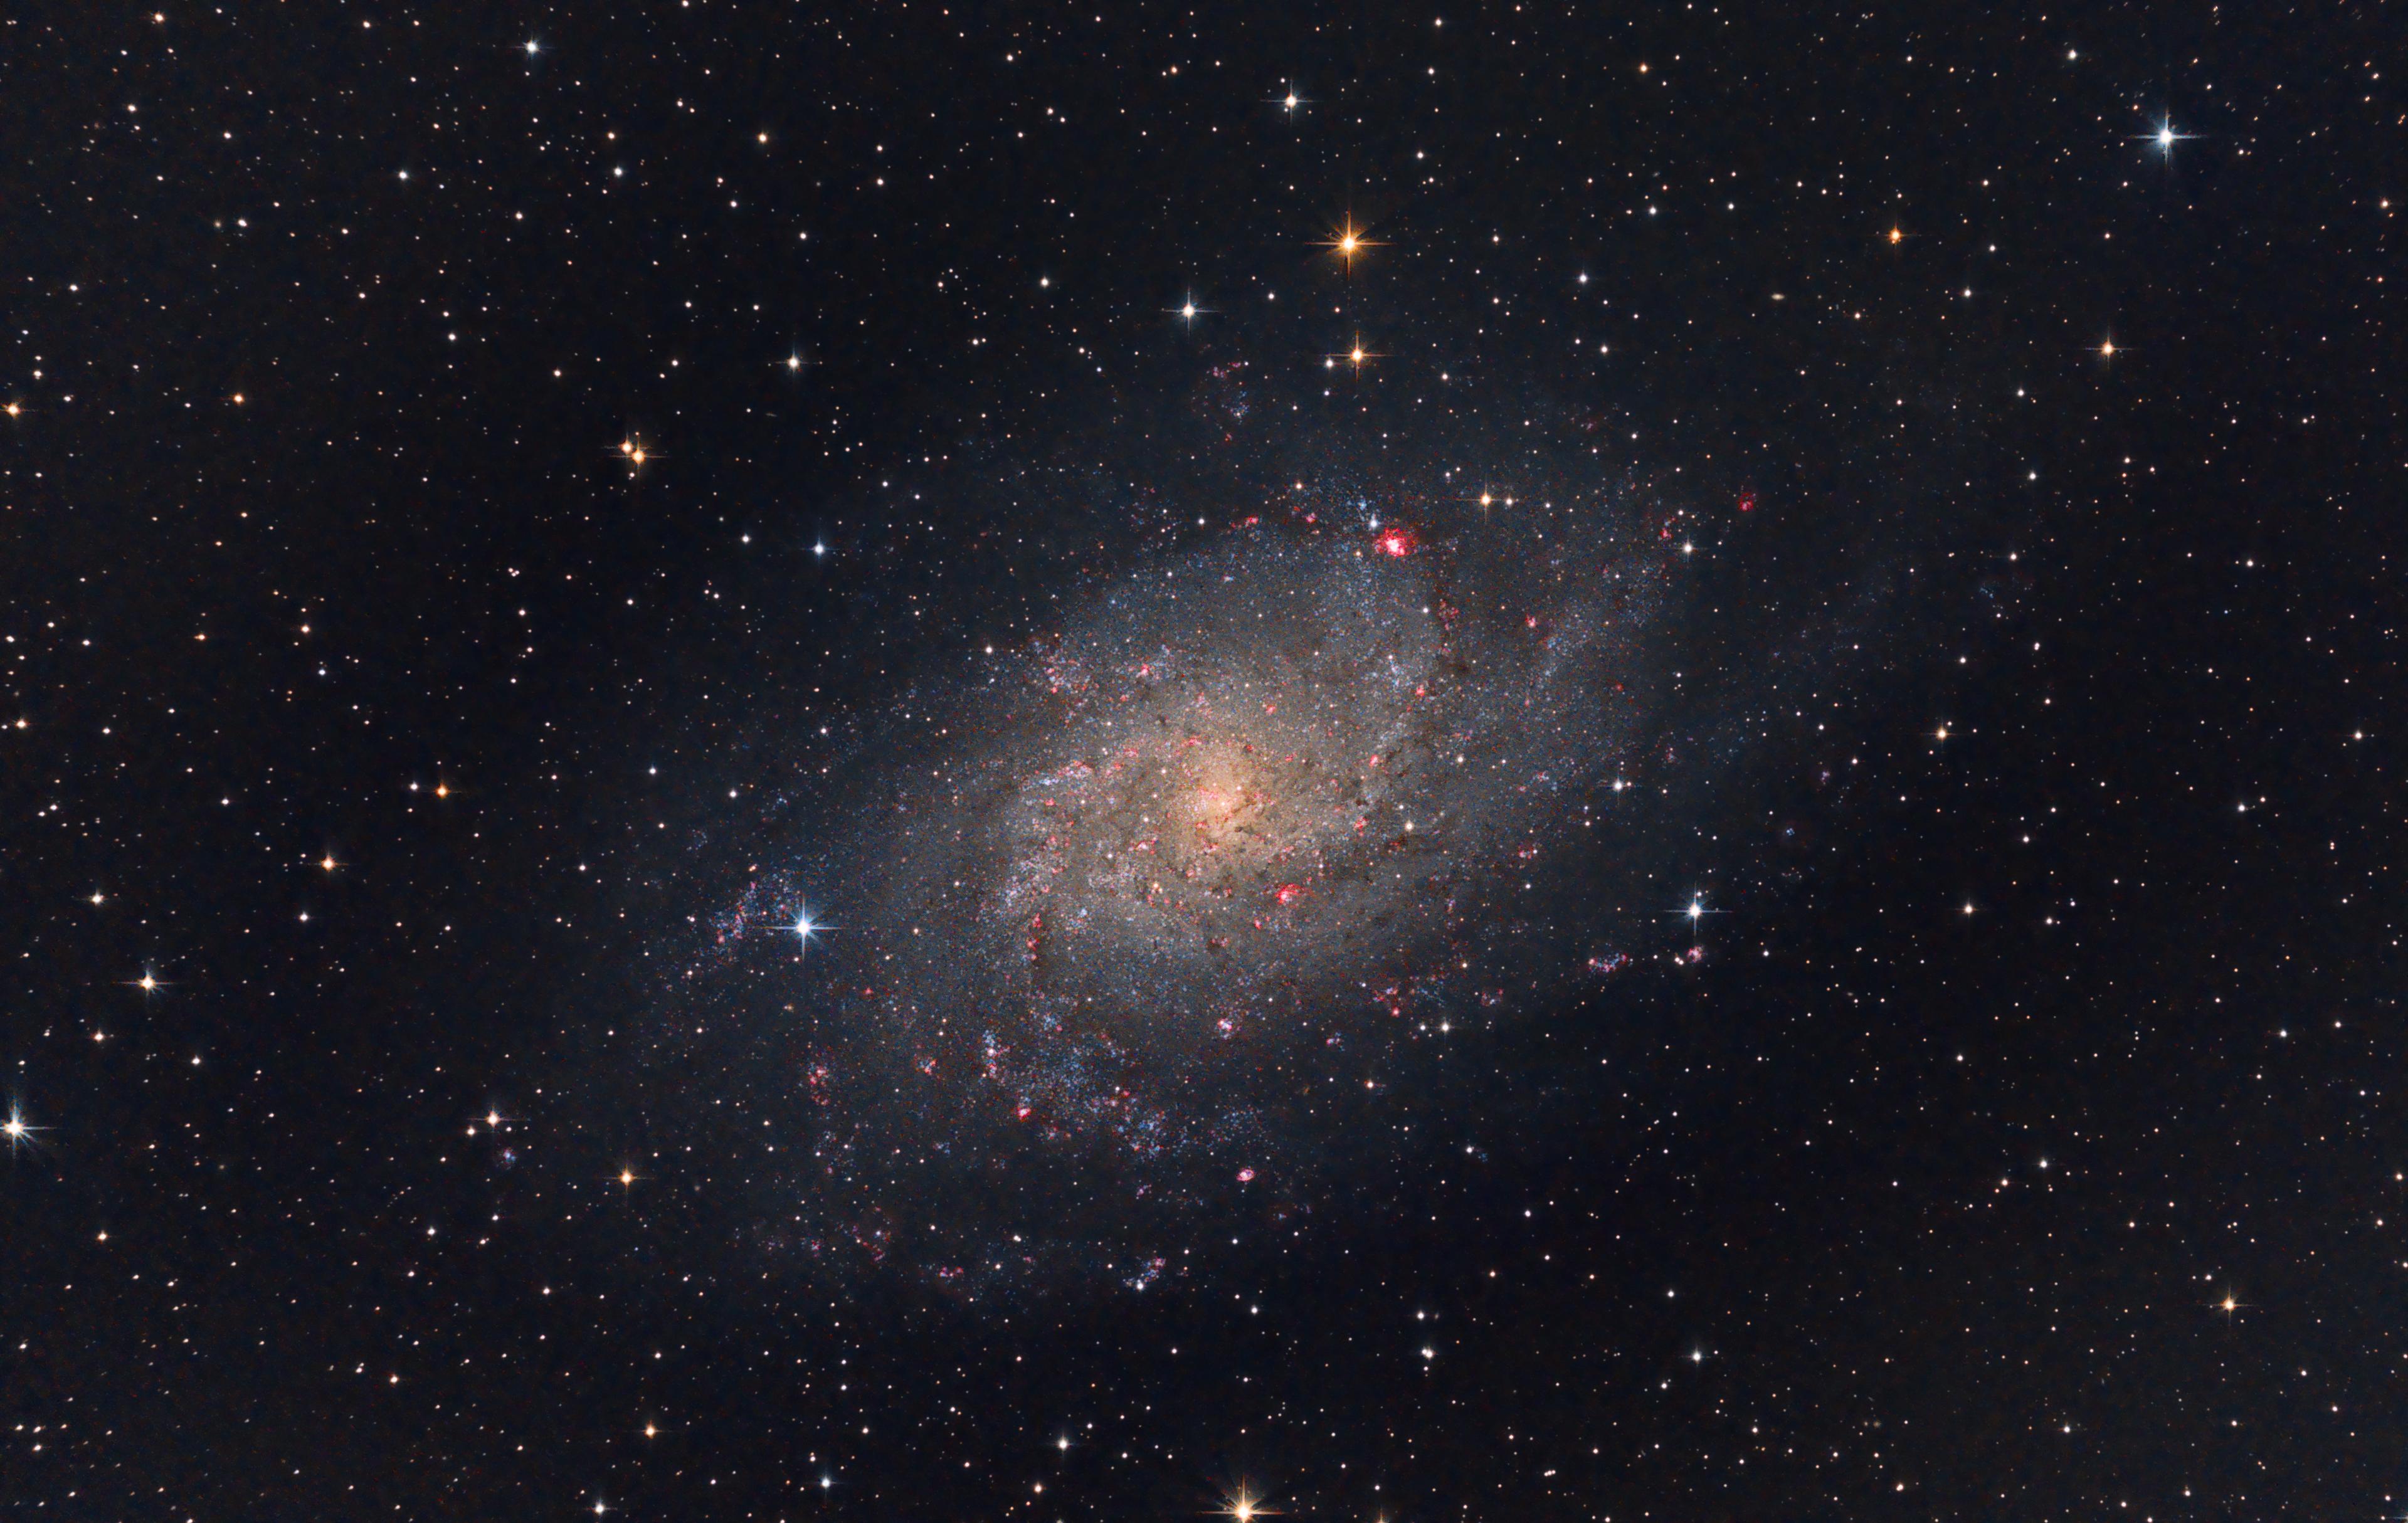 M 33 (06/09/2019) Picture-e2e92abbb6badd241ba02ea82ddc125f-original